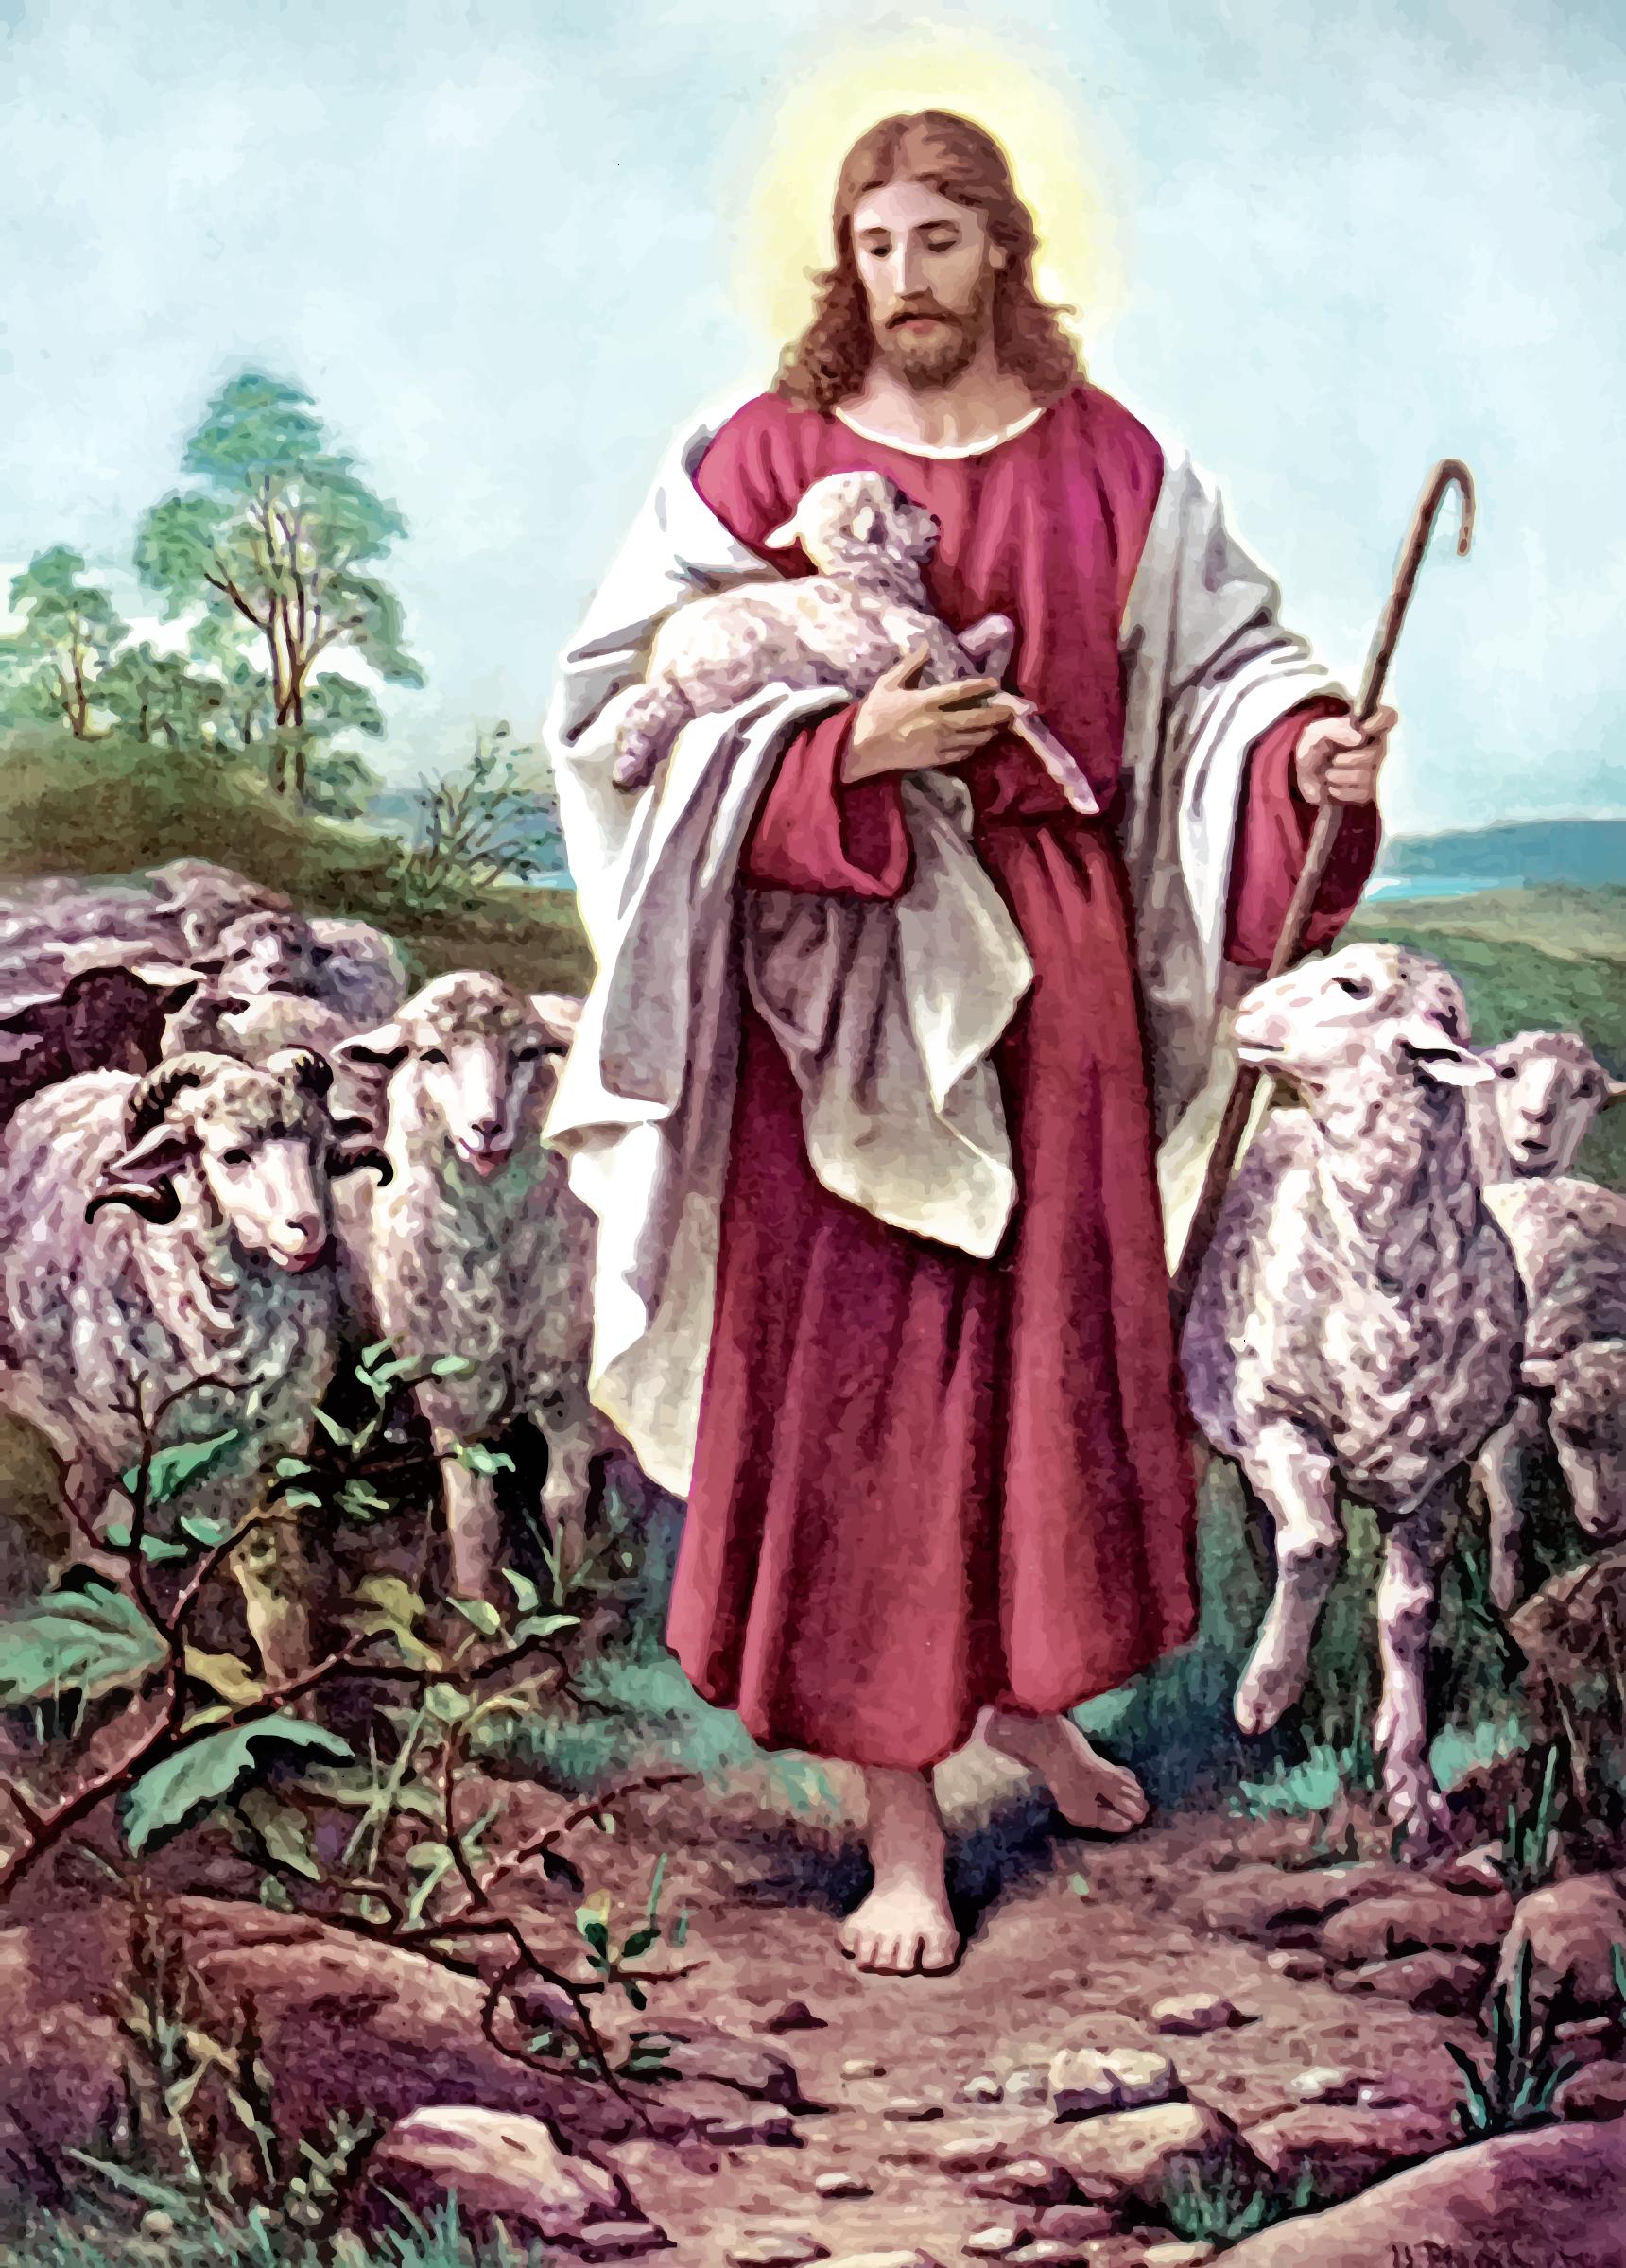 #JesusChrist #Gesù